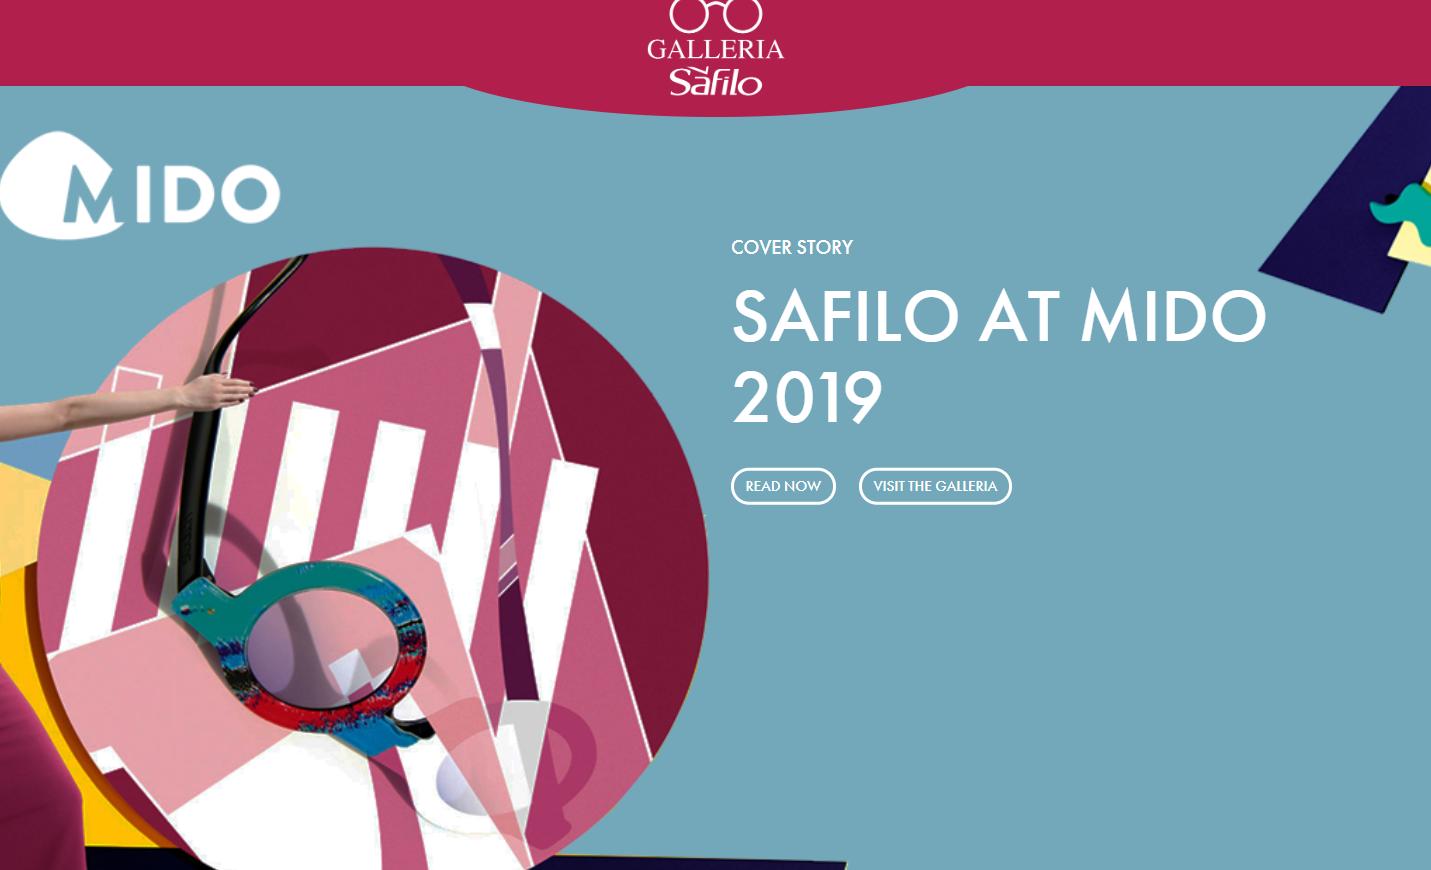 欧美市场表现好转,意大利眼镜集团 Safilo 第一季度销售额同比增长3.4%